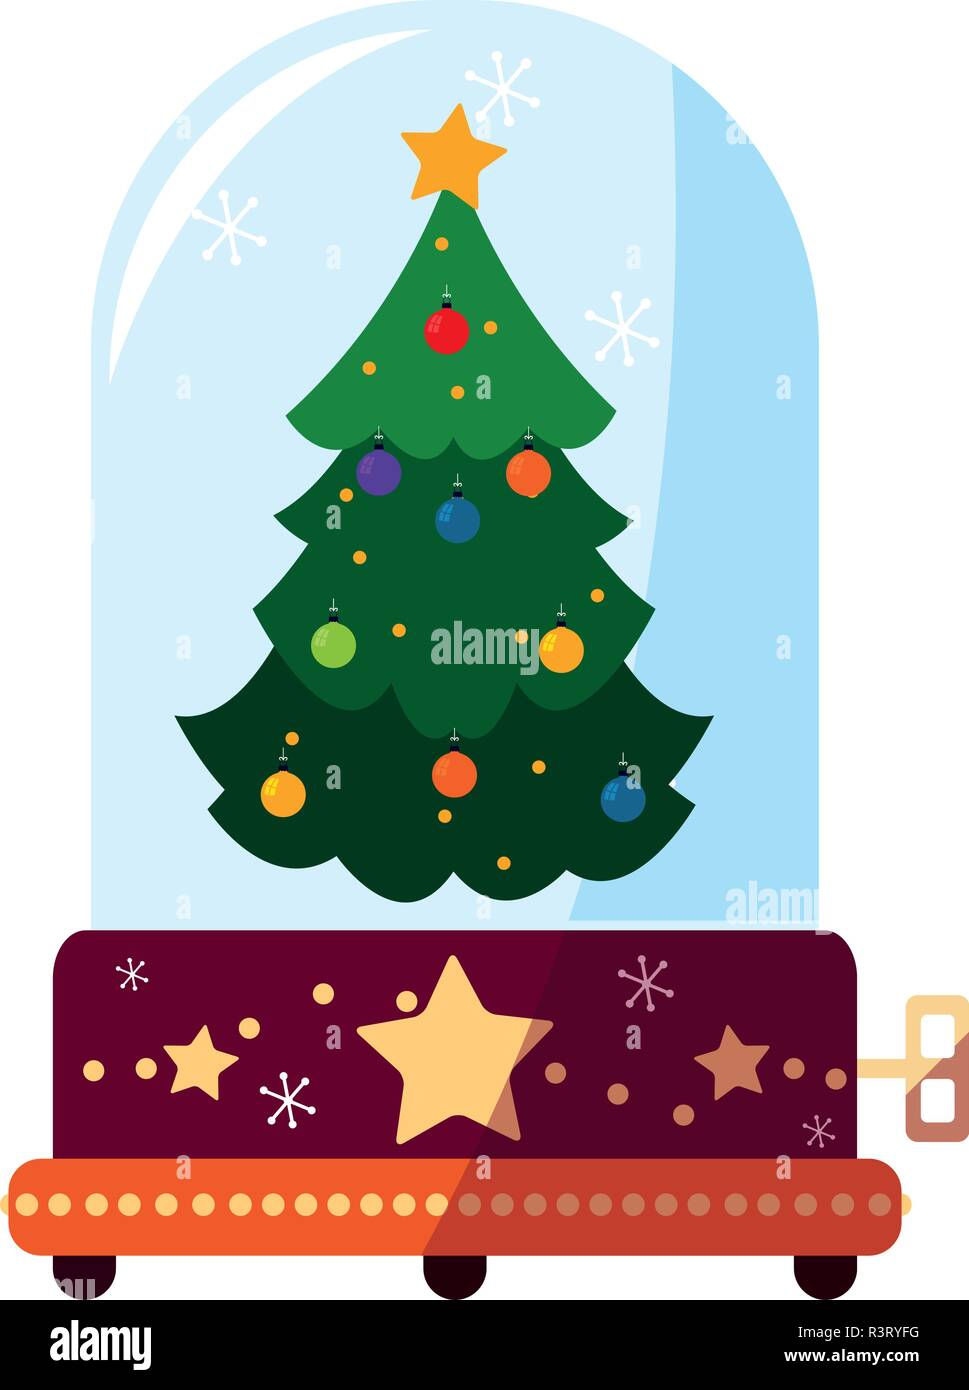 Symbol Weihnachtsbaum.Weihnachten Spieluhr Mit Weihnachtsbaum Symbol Auf Weißem